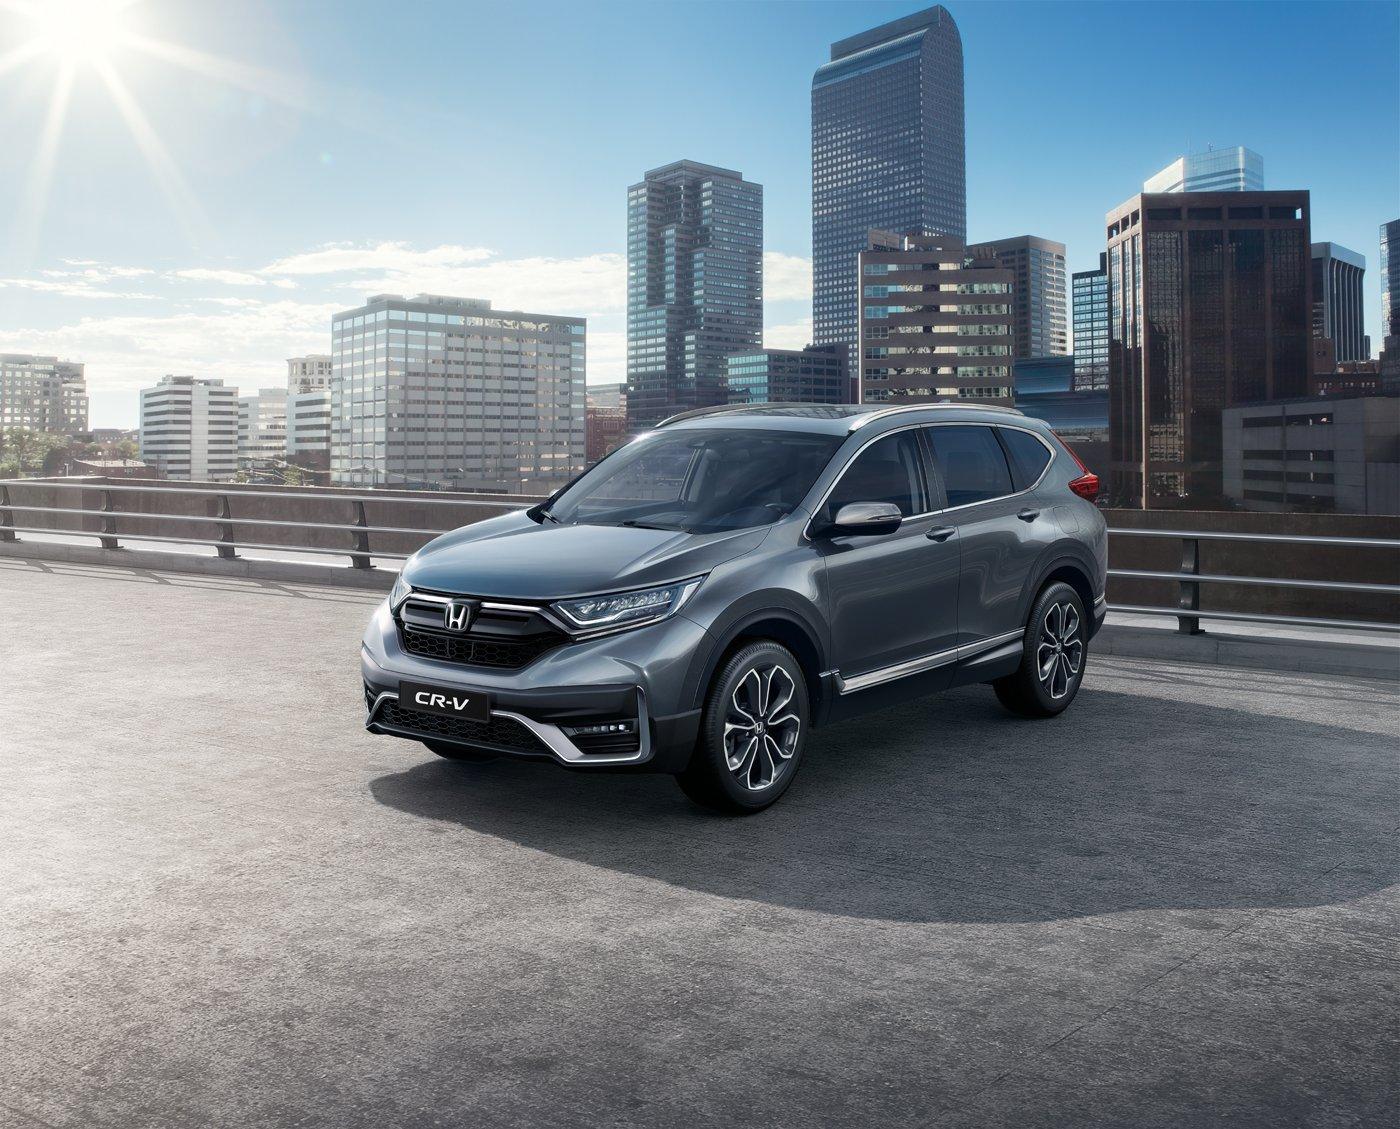 Honda привезла в Россию обновленный CR-V